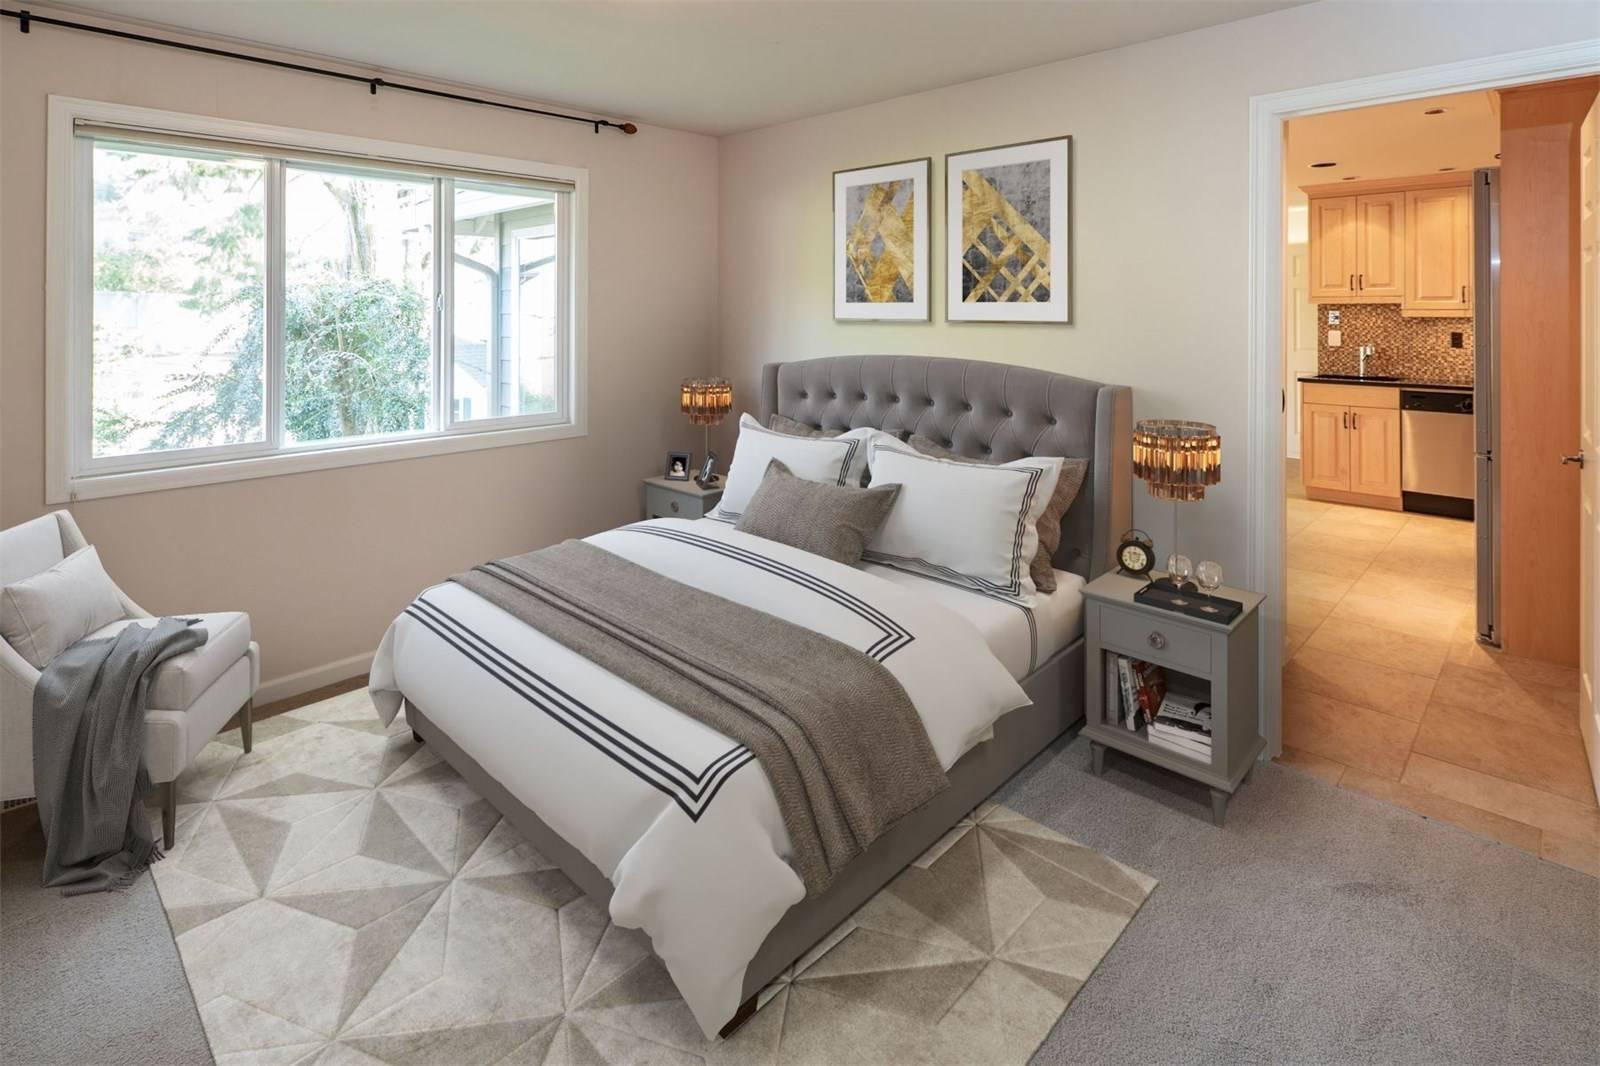 1624 108th Avenue Northeast, Bellevue - Helen Pederslie (18).jpg